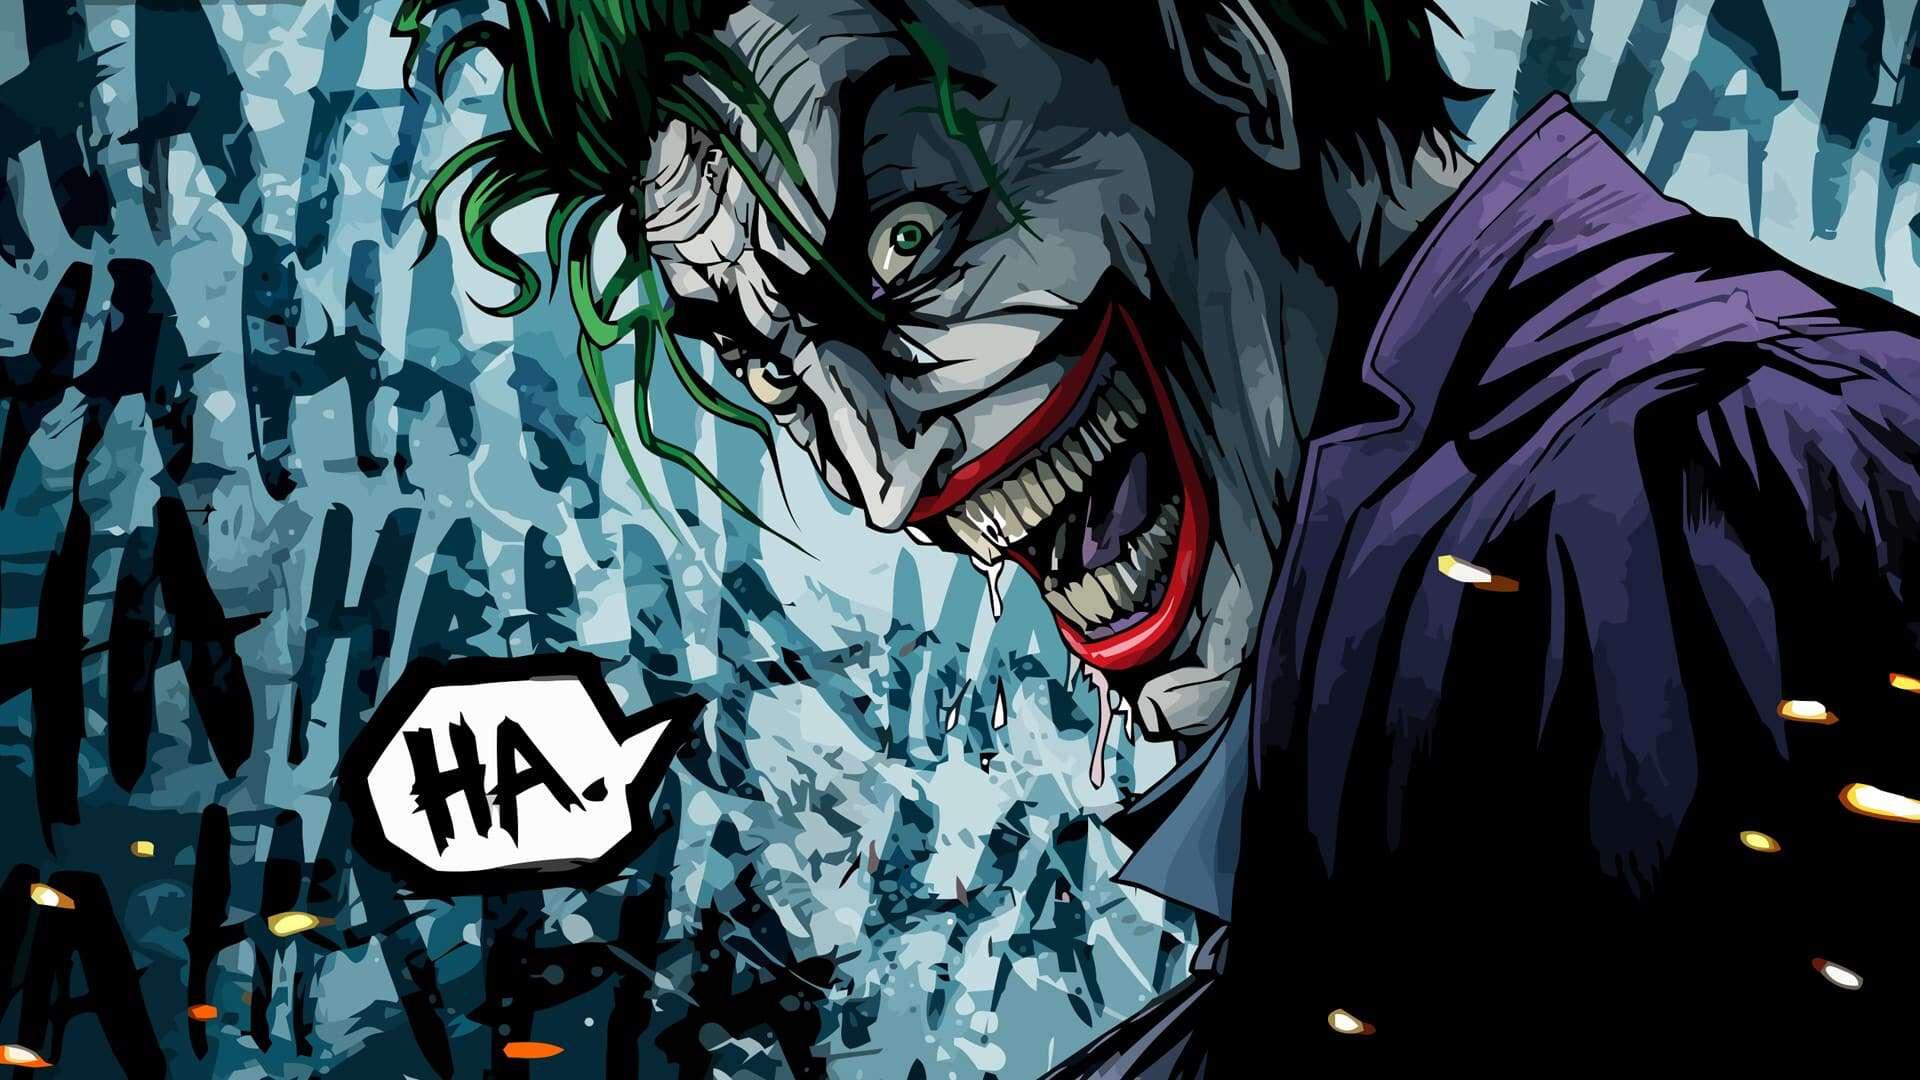 Joker'in Gelmiş Geçmiş En Psikopat Çizgi Karakter Olduğunun 12 Kanıtı